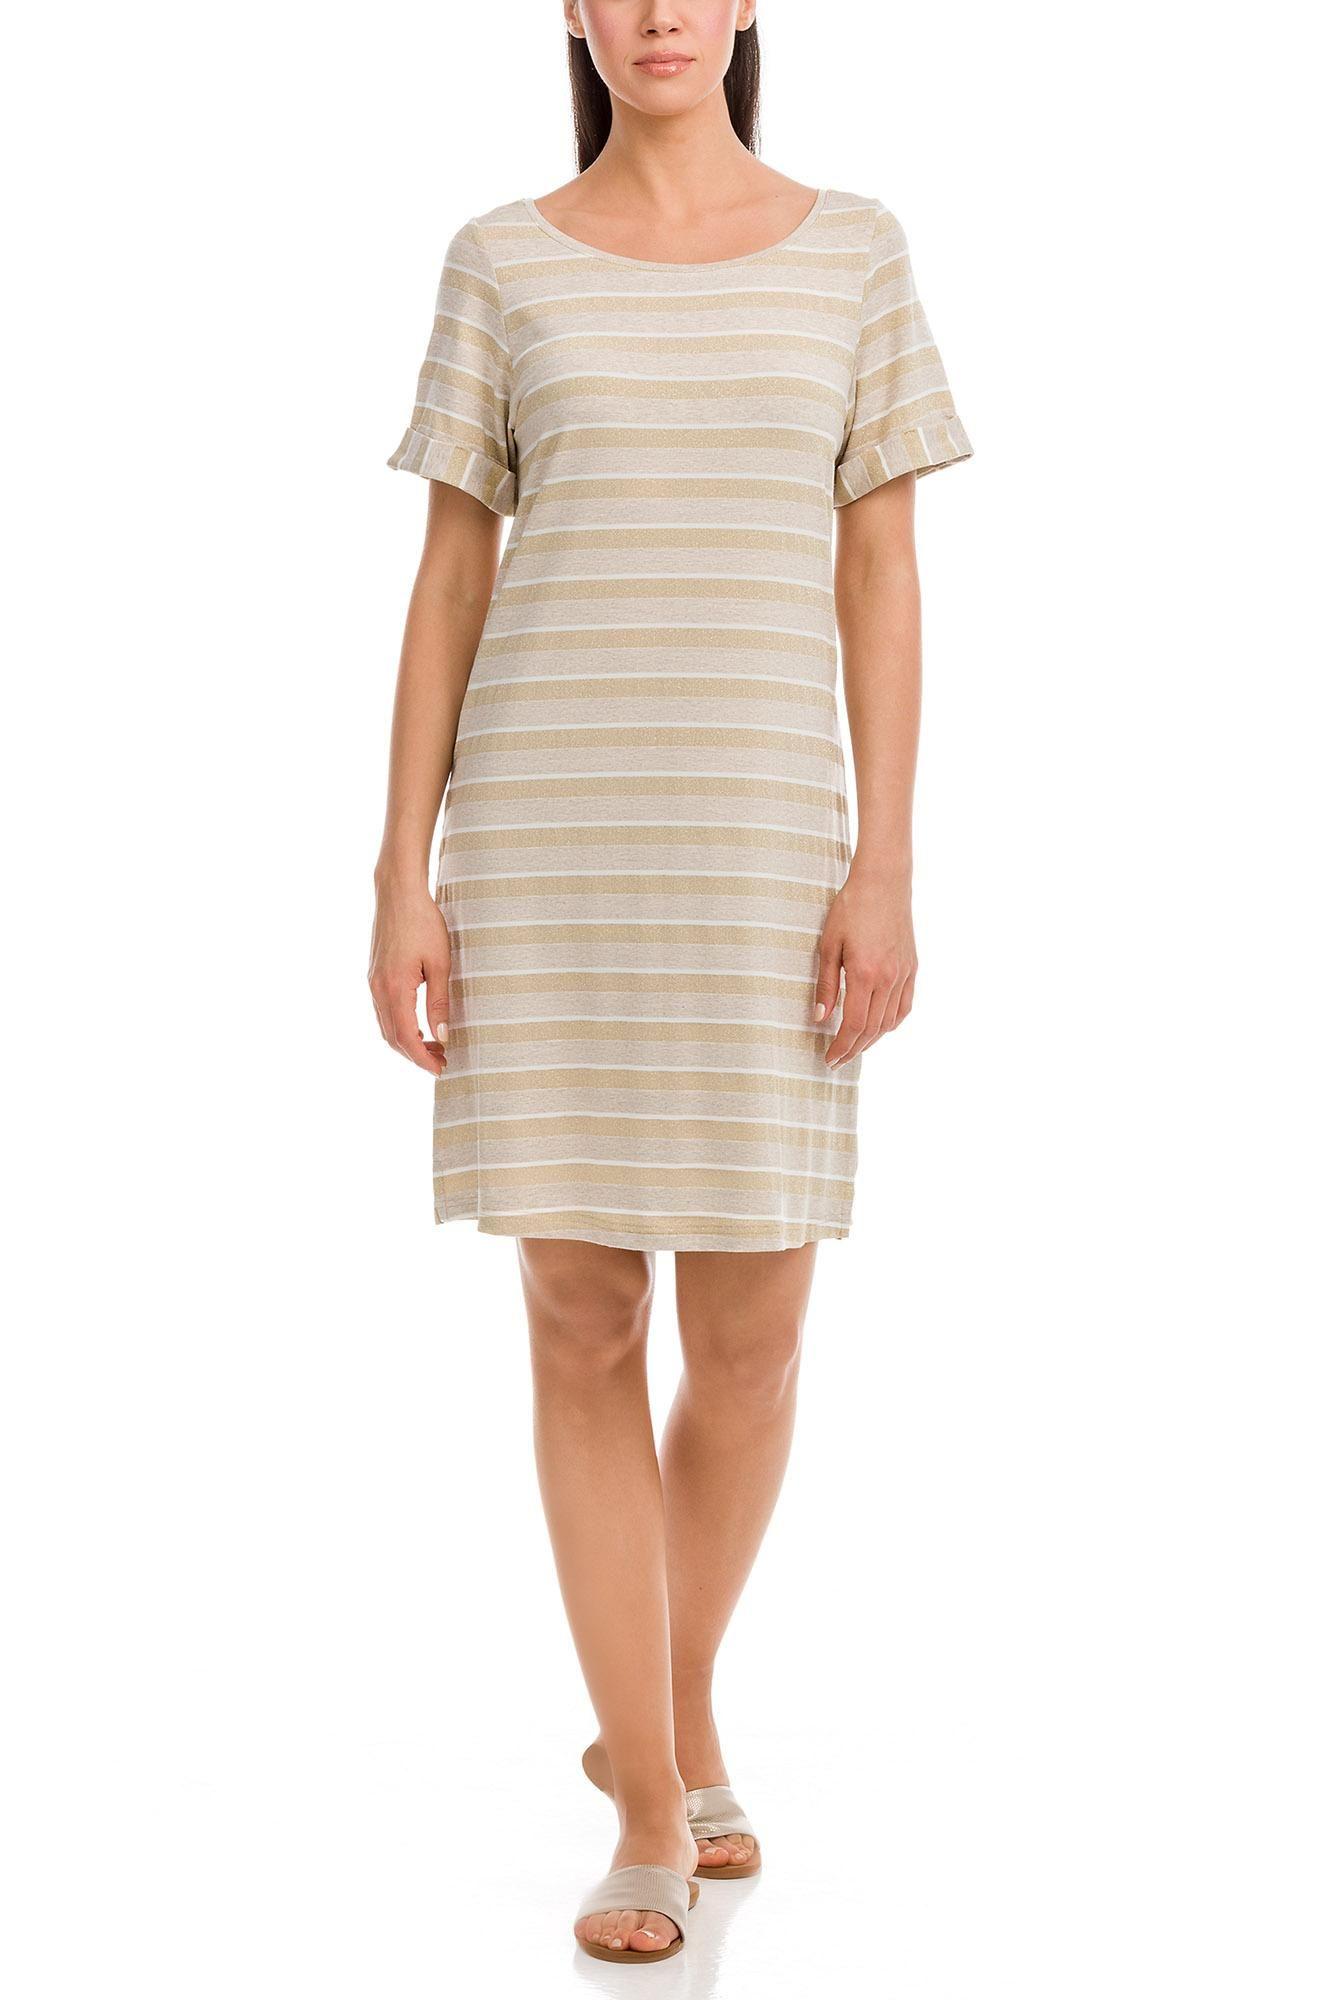 Κοντομάνικο Φόρεμα Ριγέ Χρυσό